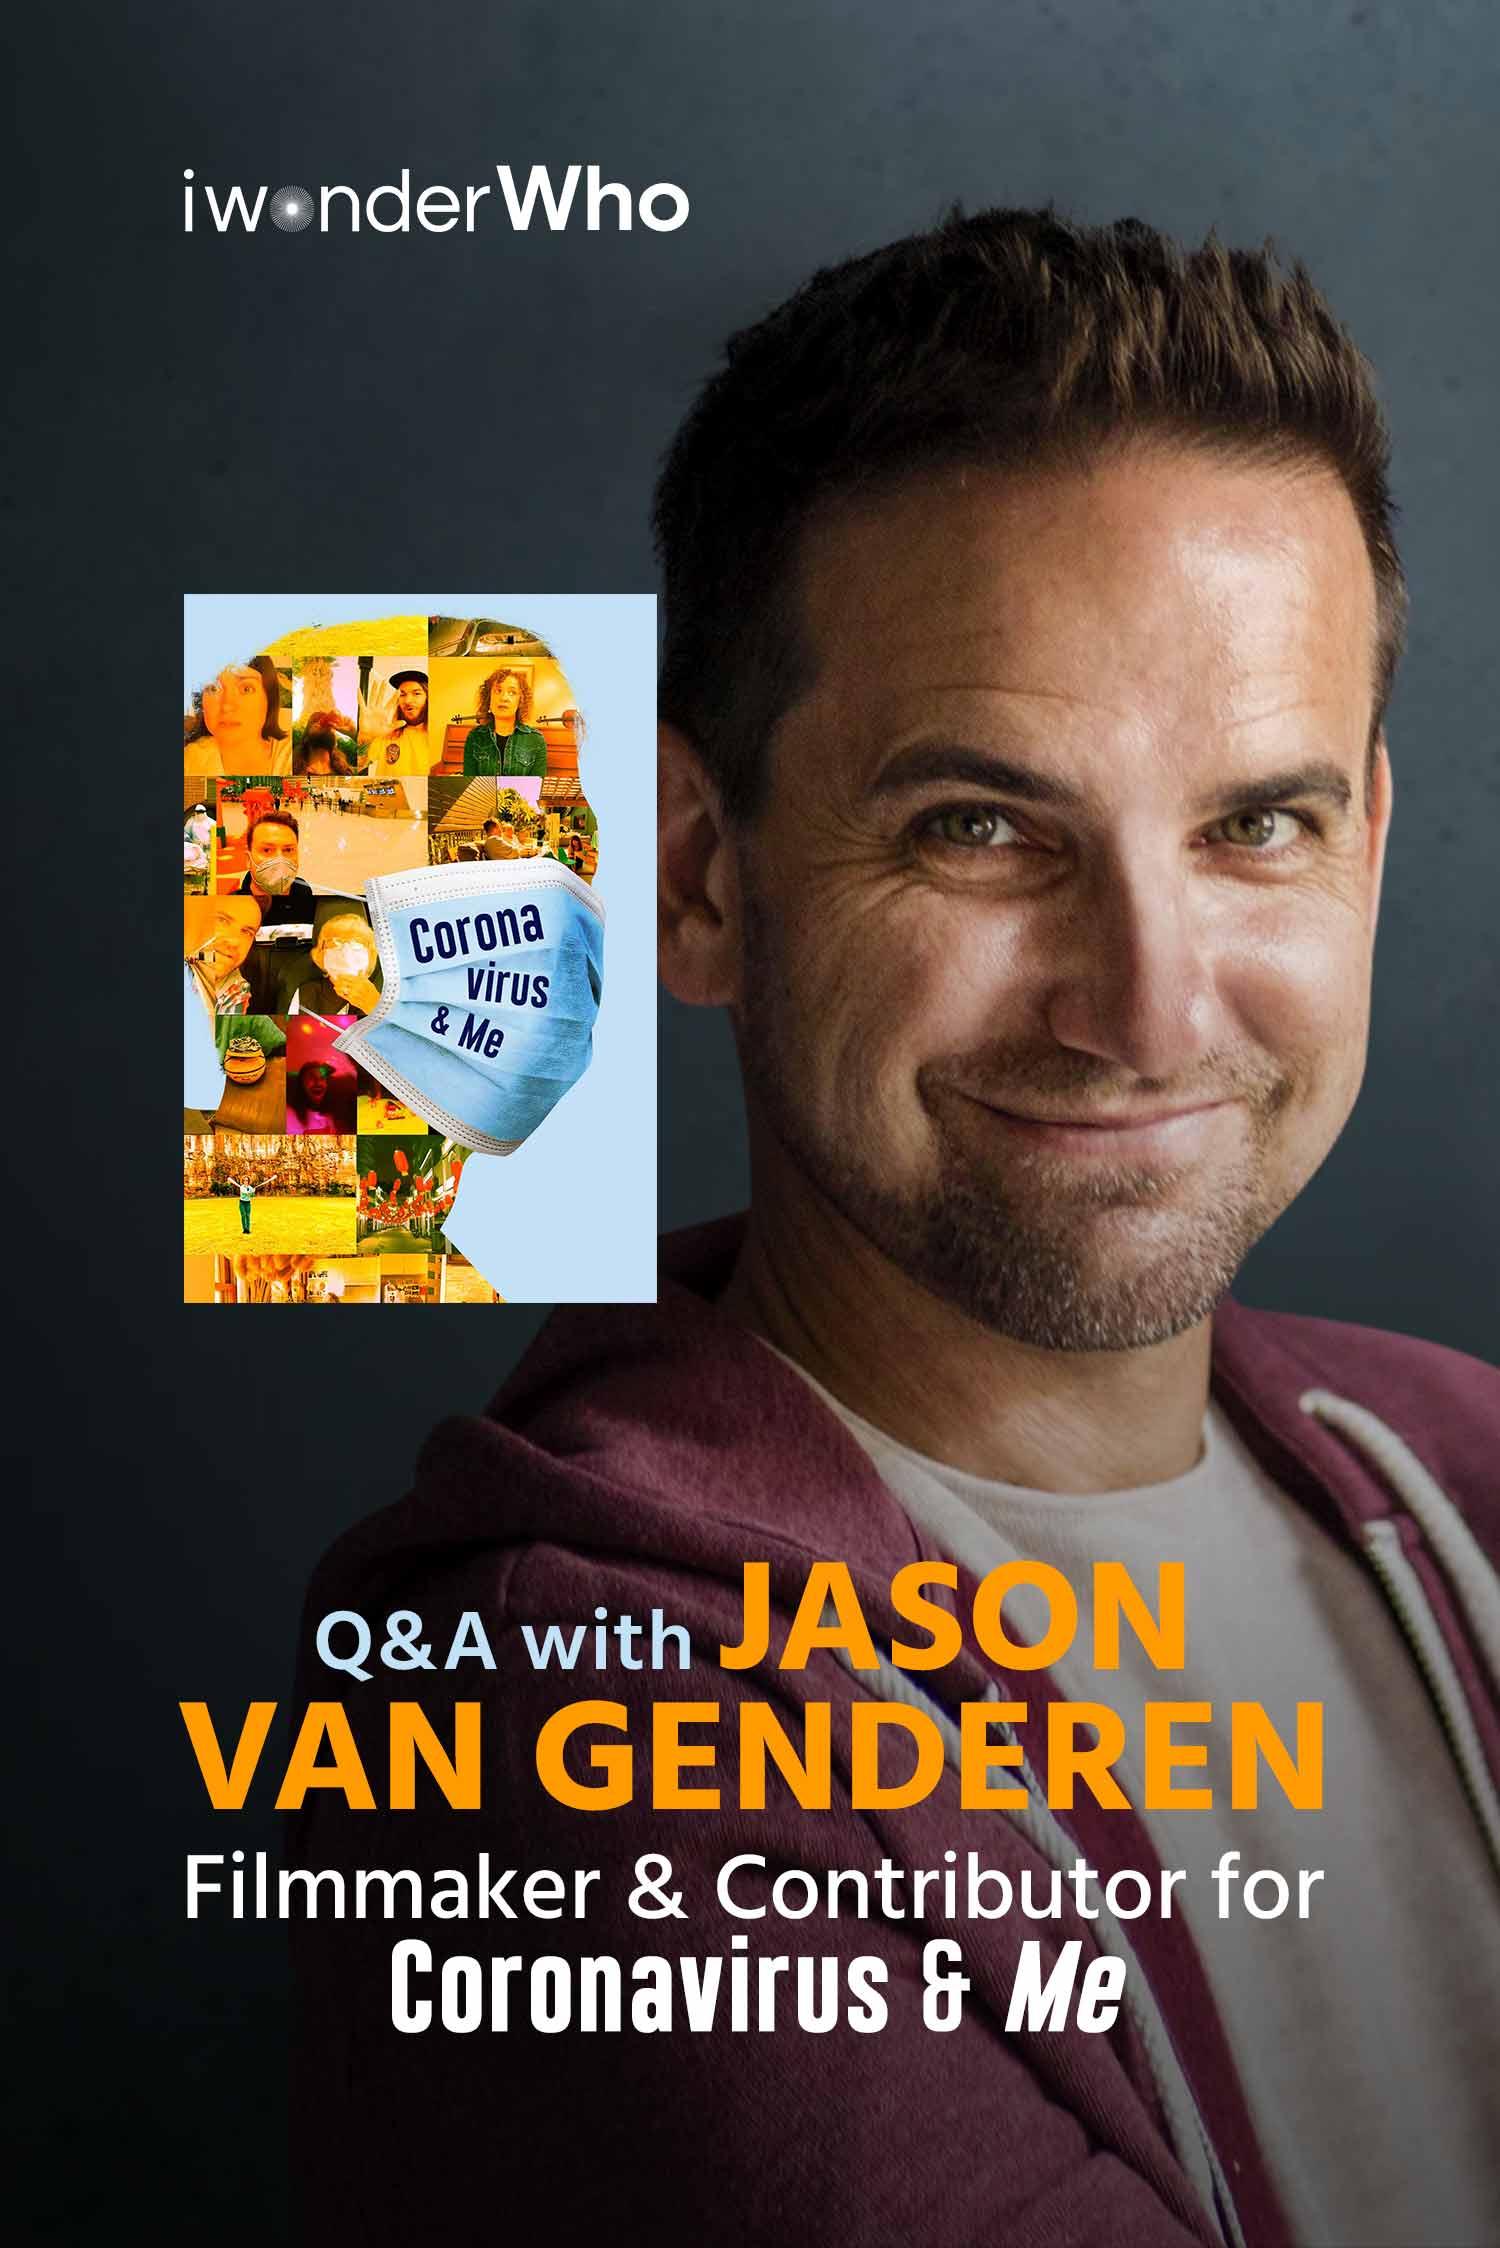 iwonderWho - Jason van Genderen (Coronavirus & Me)